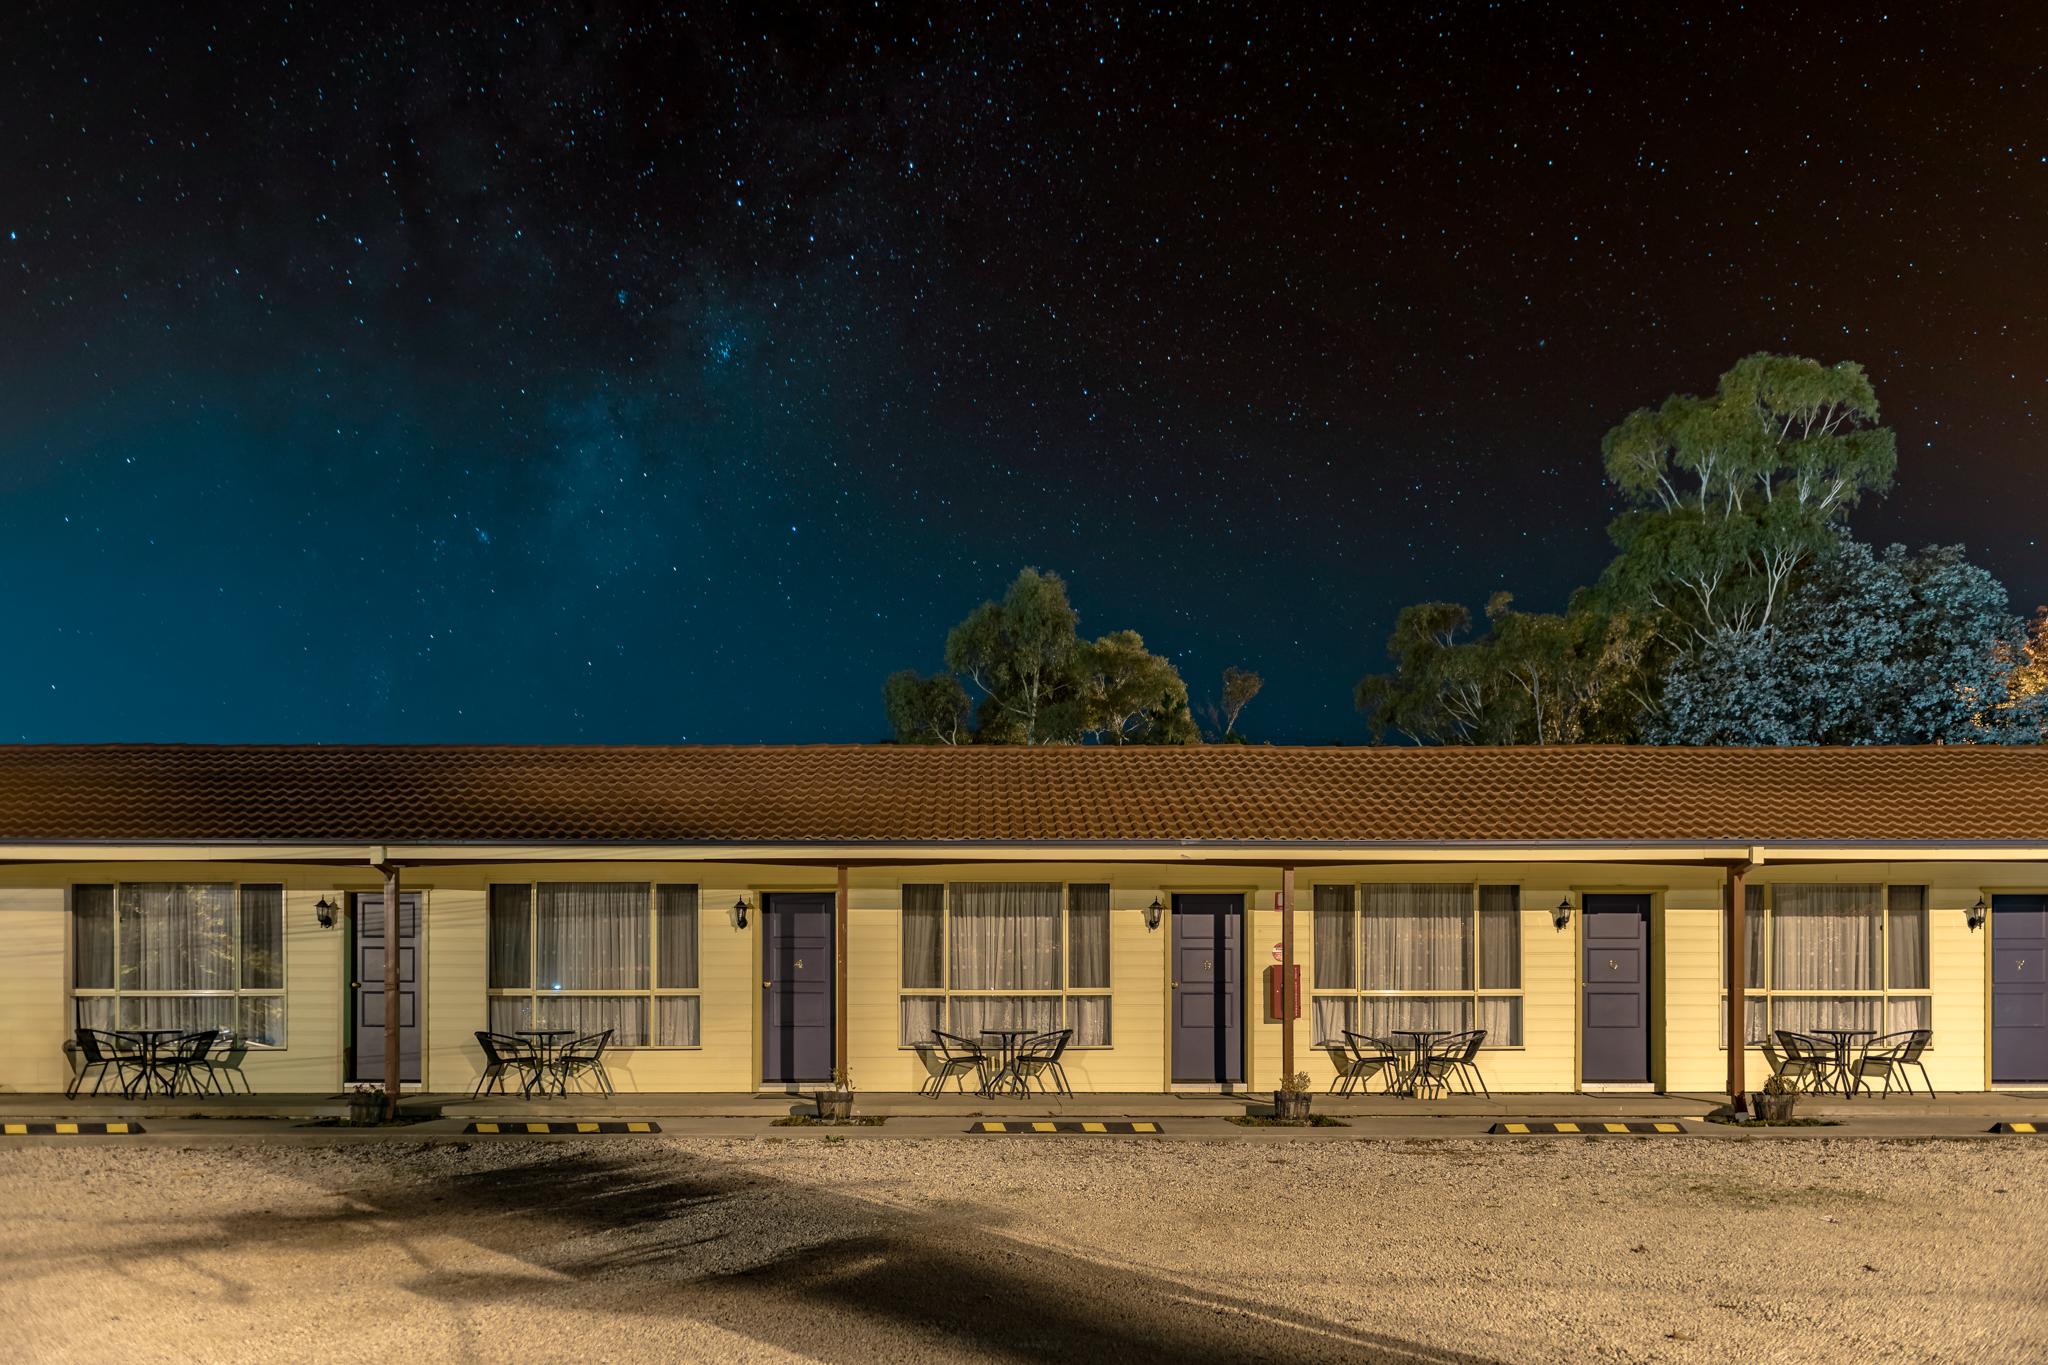 Hotel Motel 101 - Brett Patman